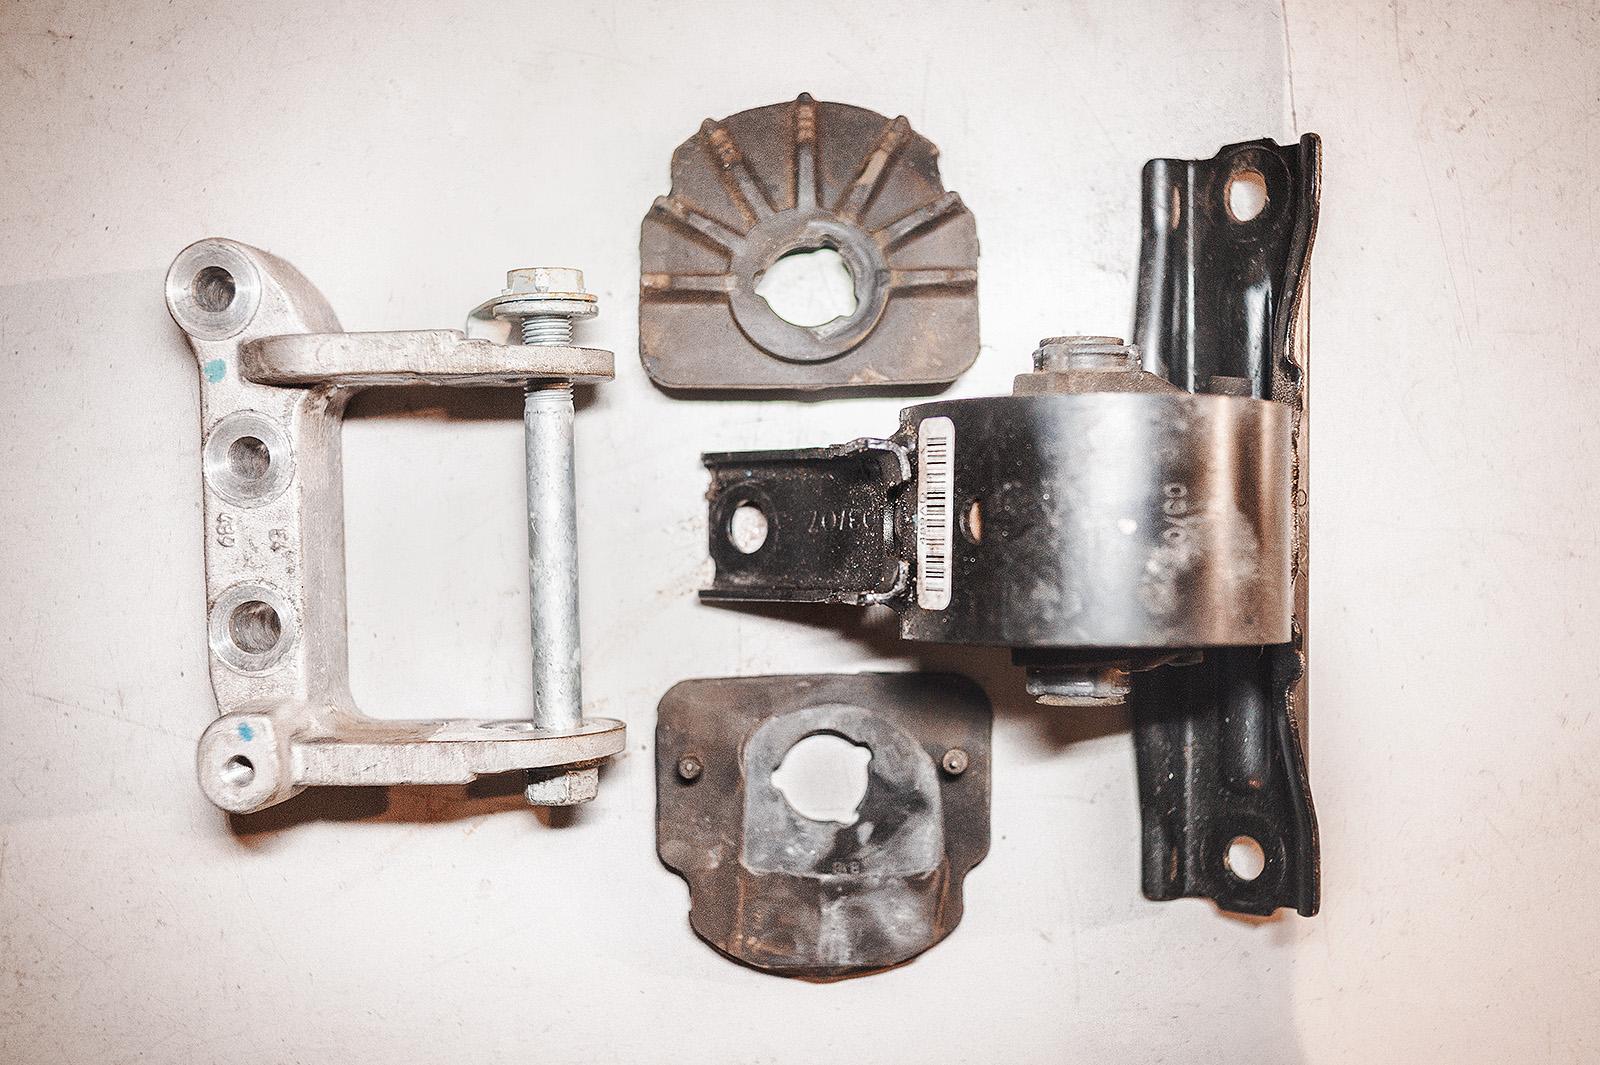 Кронштейн, боковые уплотнители и правая опора двигателя